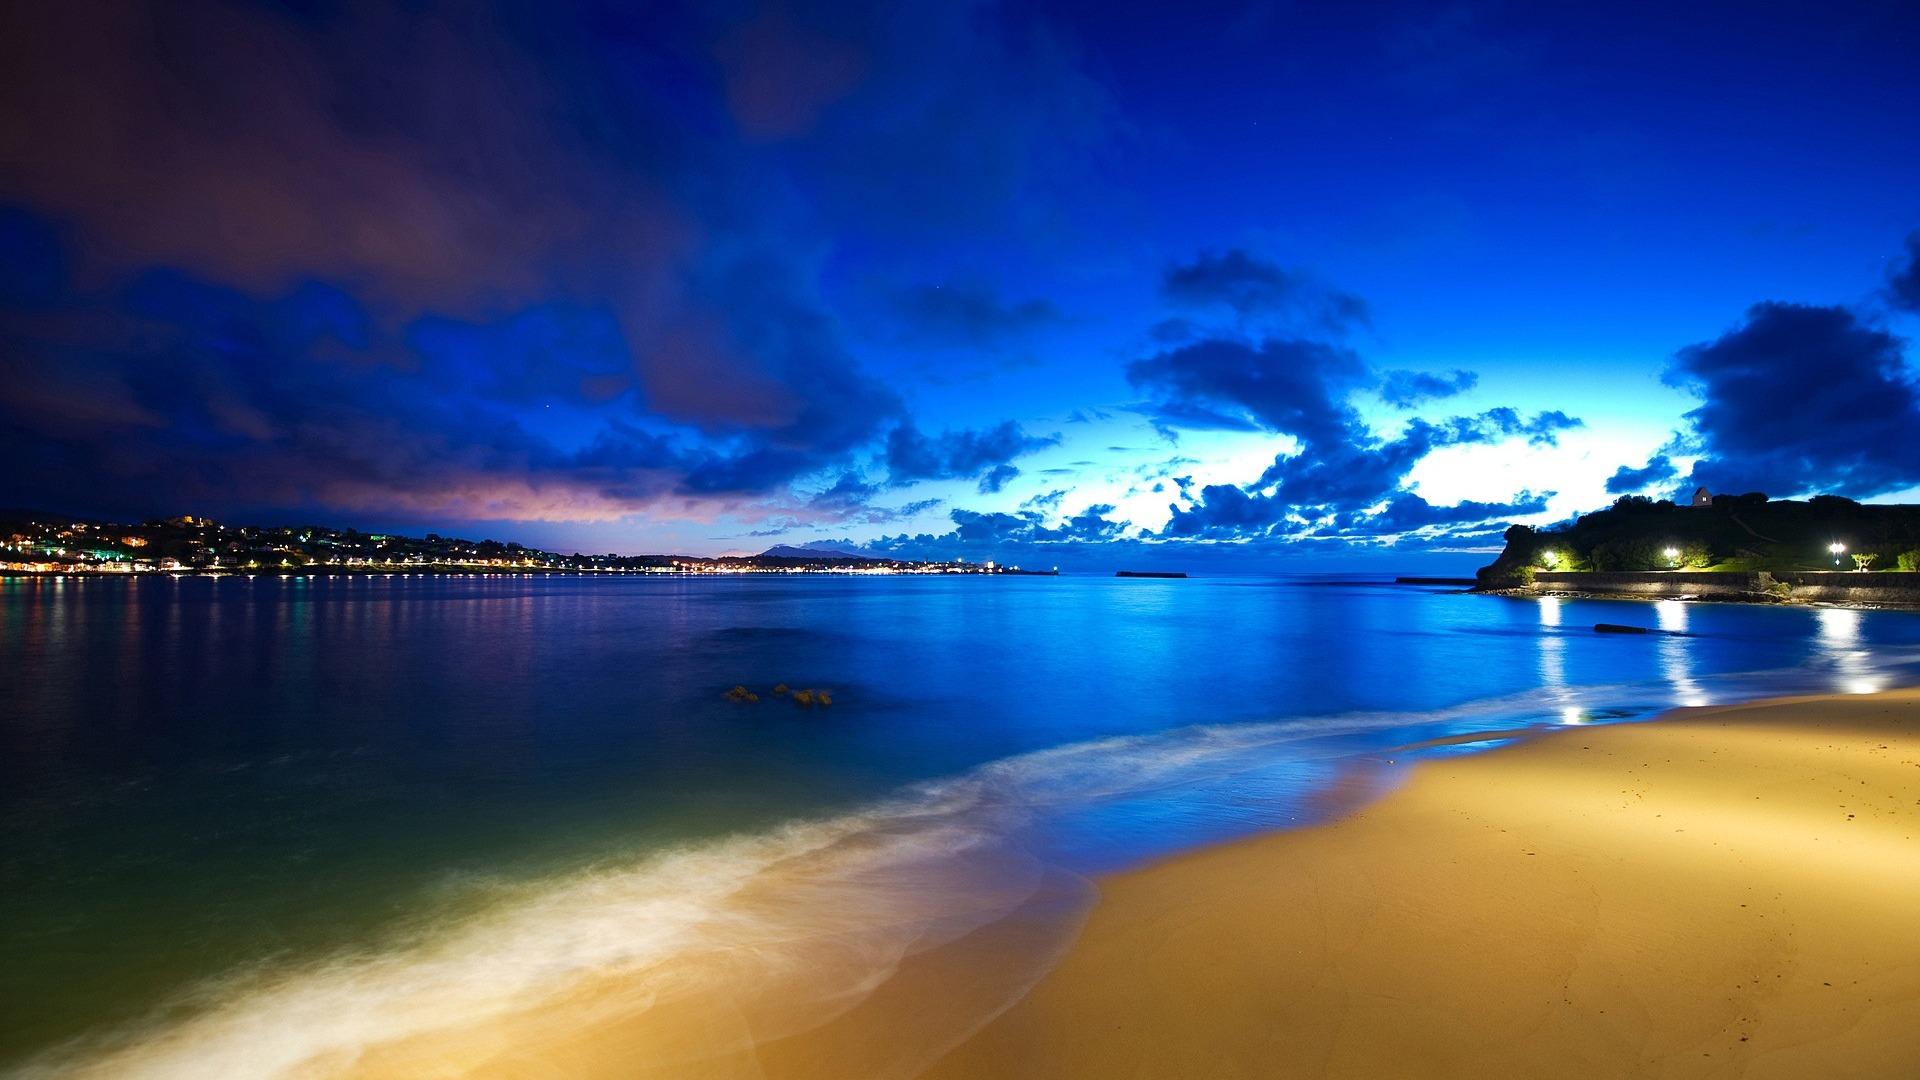 Cool Pictures Nature Beach HD Wallpaper of Beach   hdwallpaper2013com 1920x1080